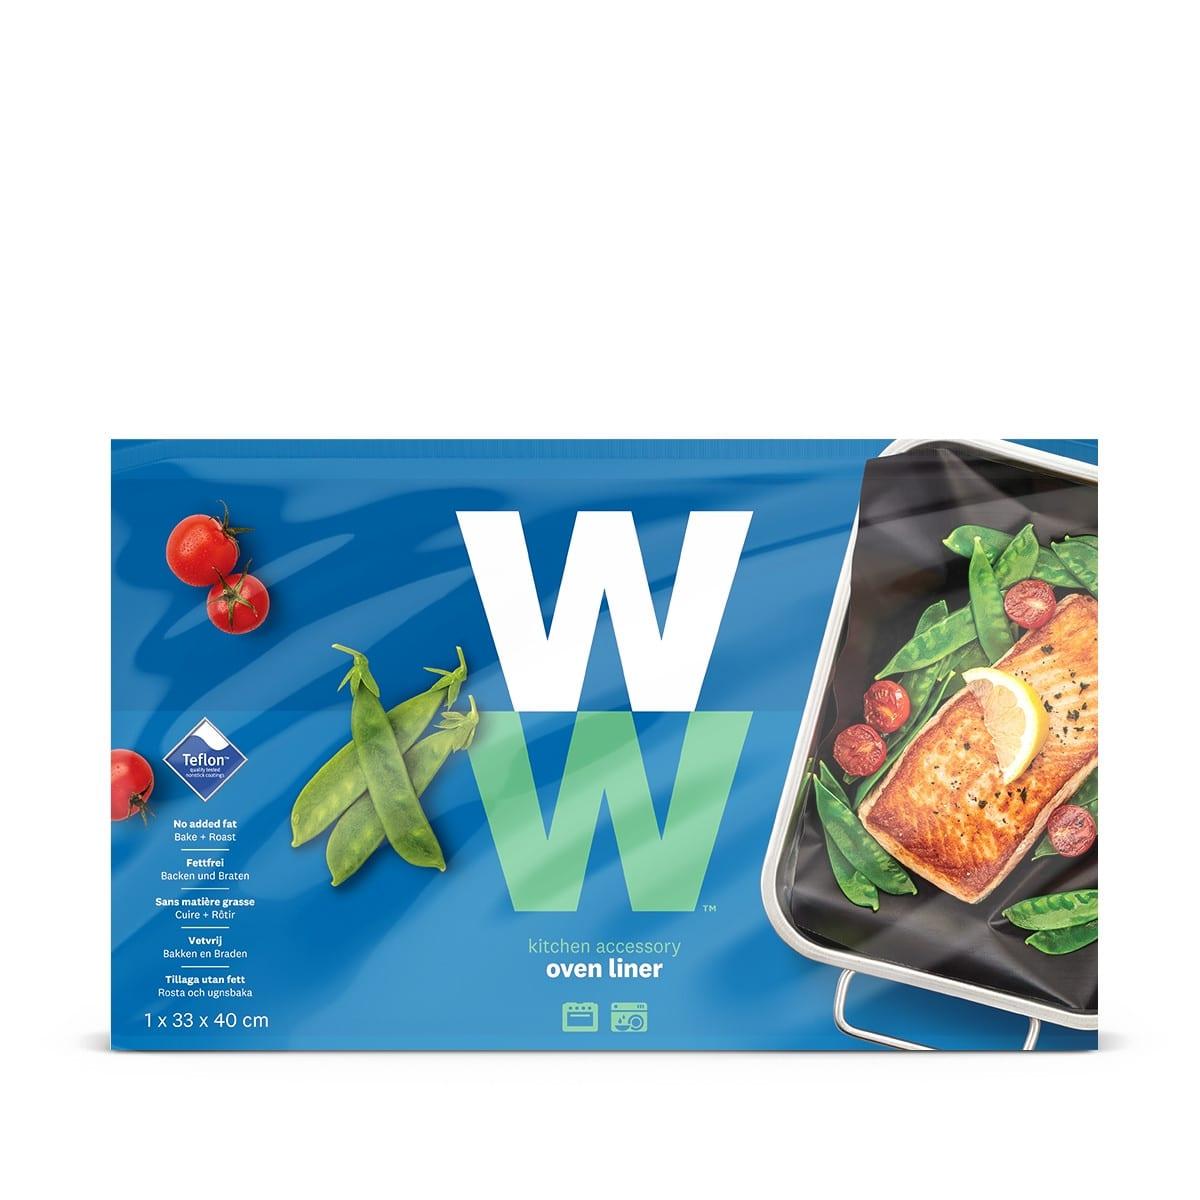 WW Backfolie für Mehrfachverwendung in blauer und grüner Verpackung mit Produktbild